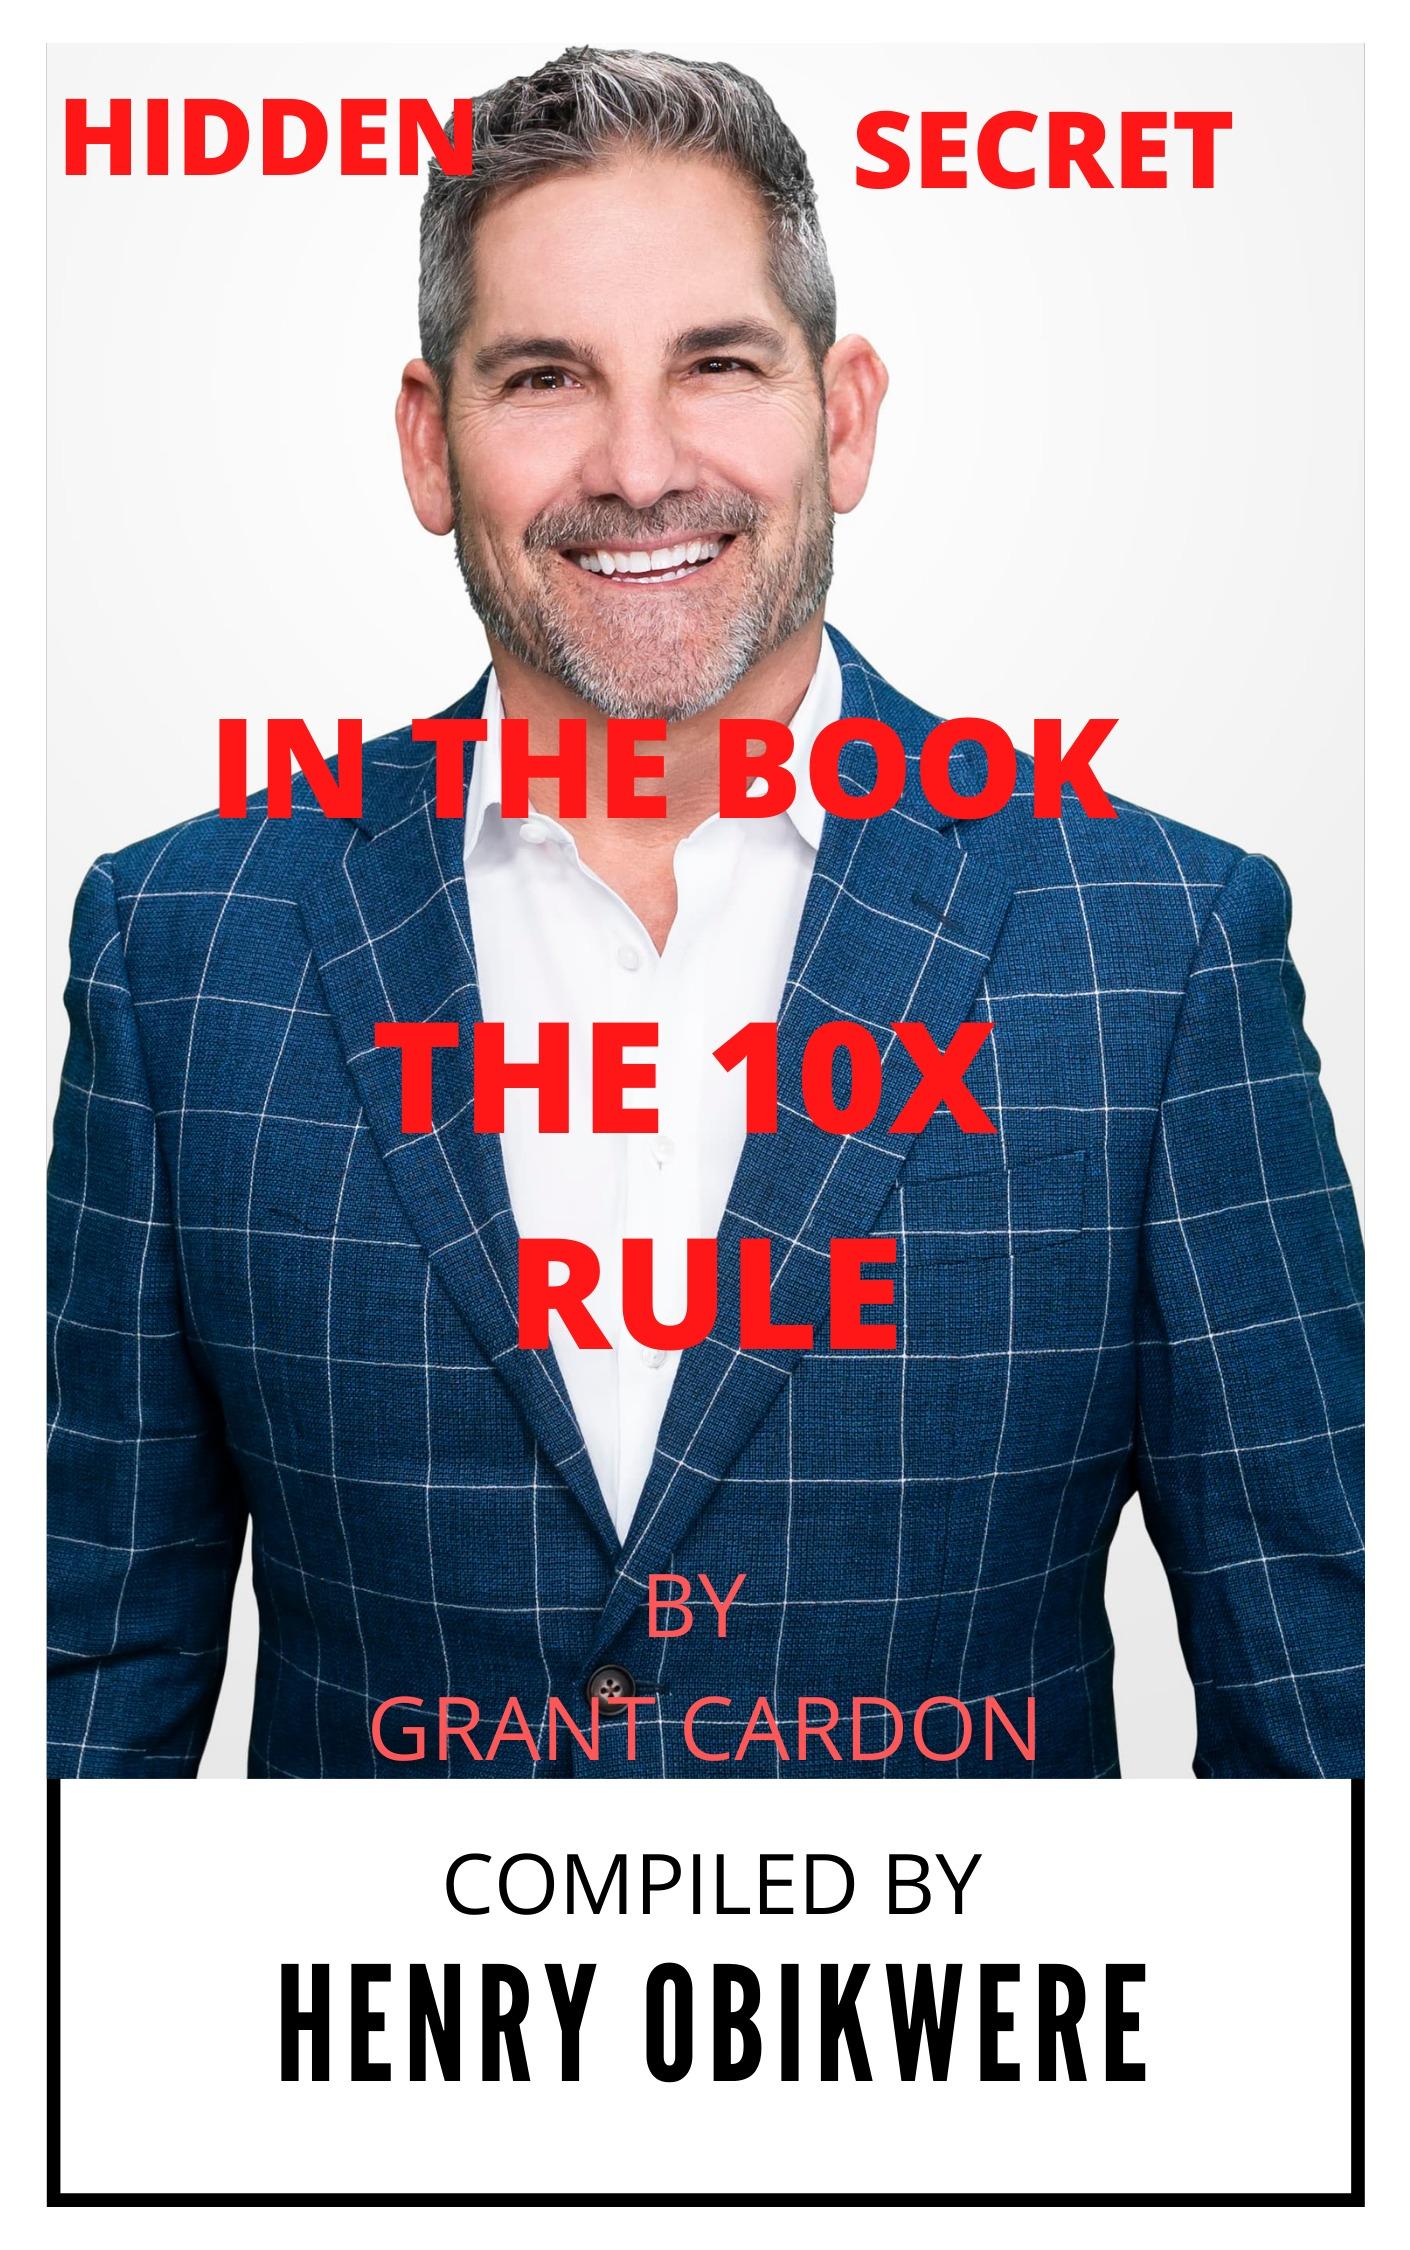 HIDDEN SECRET IN THE BOOK THE 10X REULE